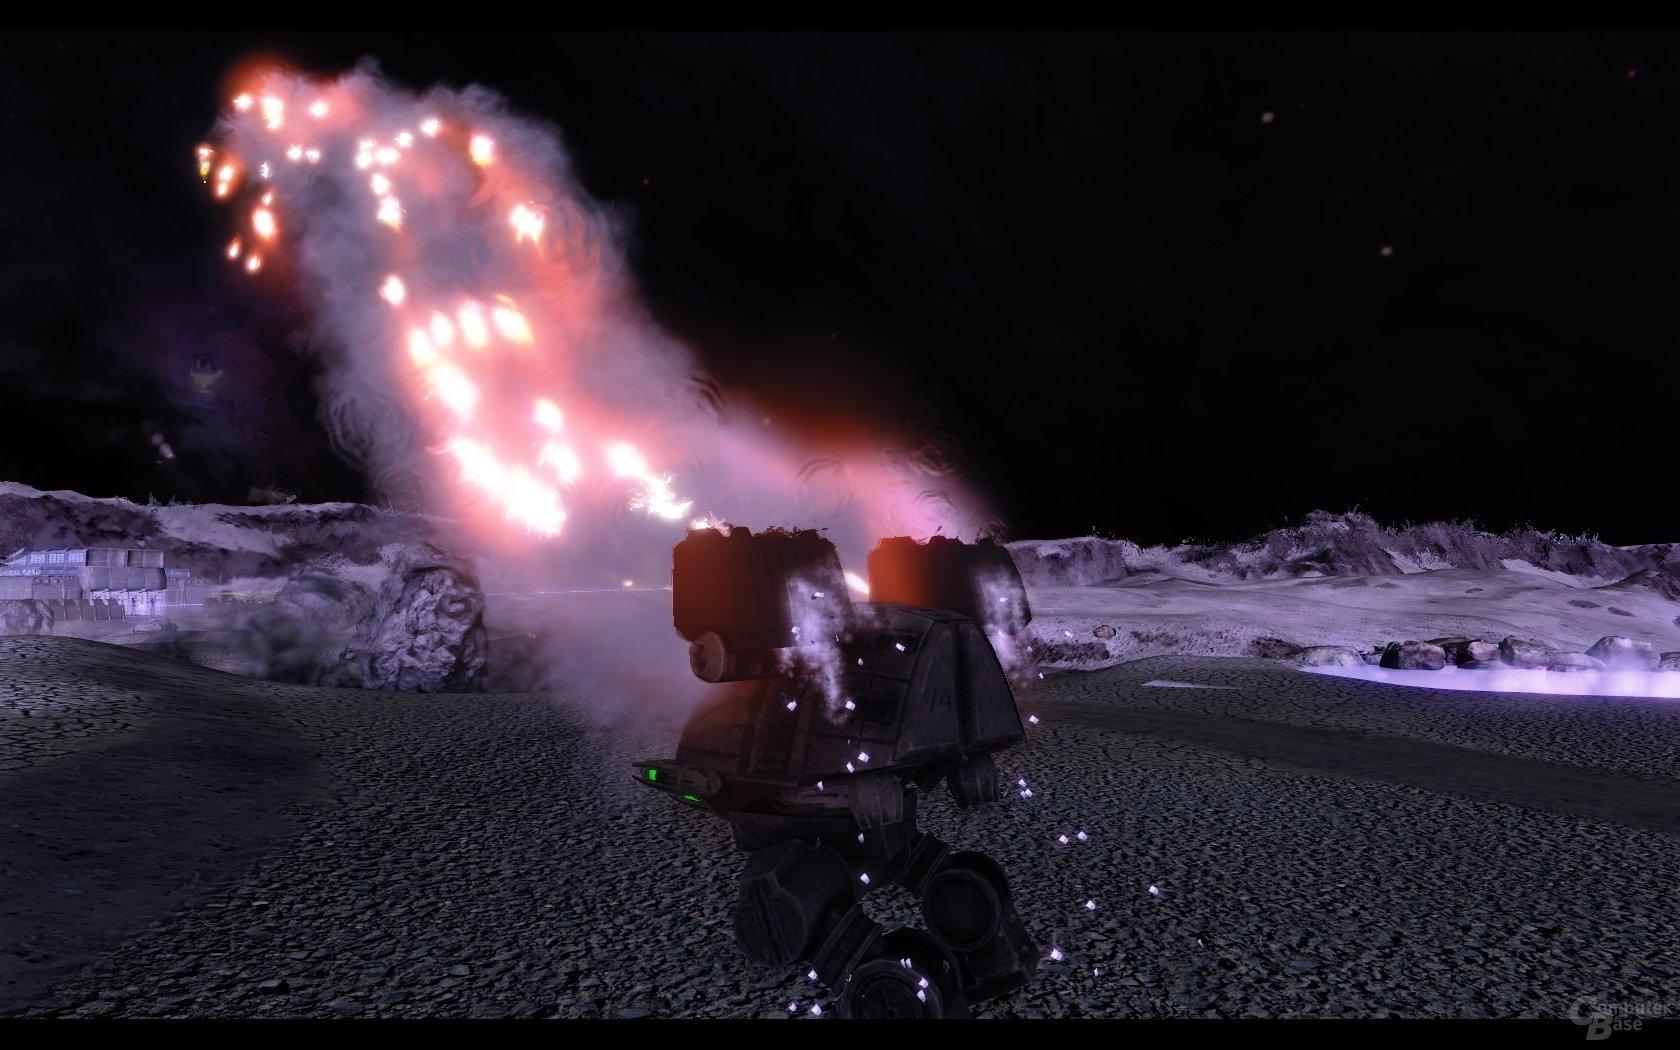 Mech vom Typ Catapult (Inner Sphere) feuert LRMs ab